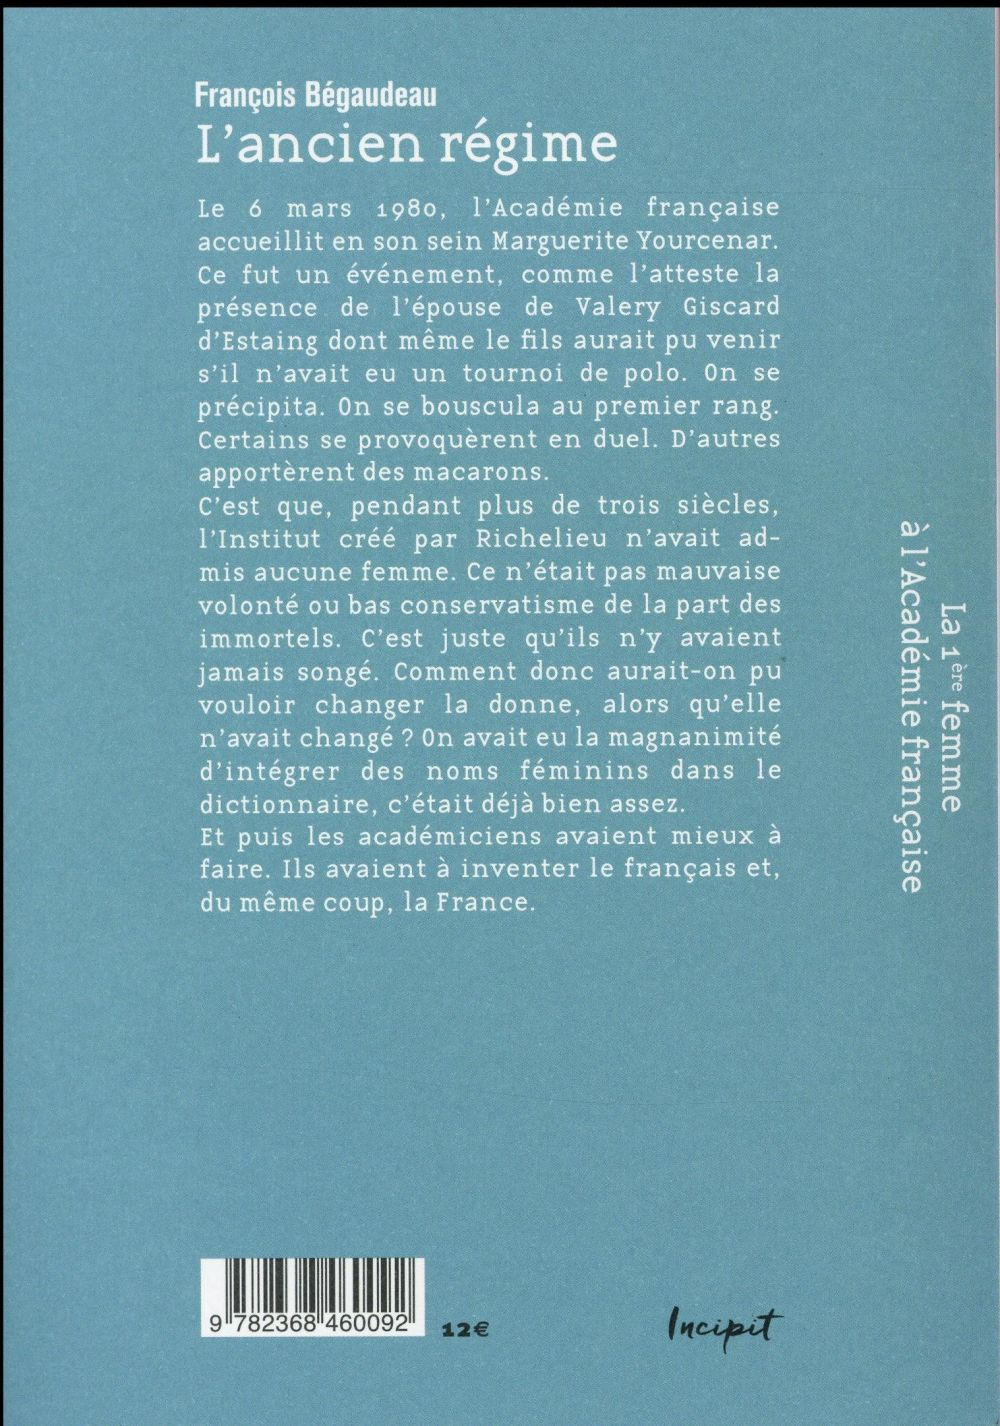 L'ancien régime : la première femme à l'Academie française